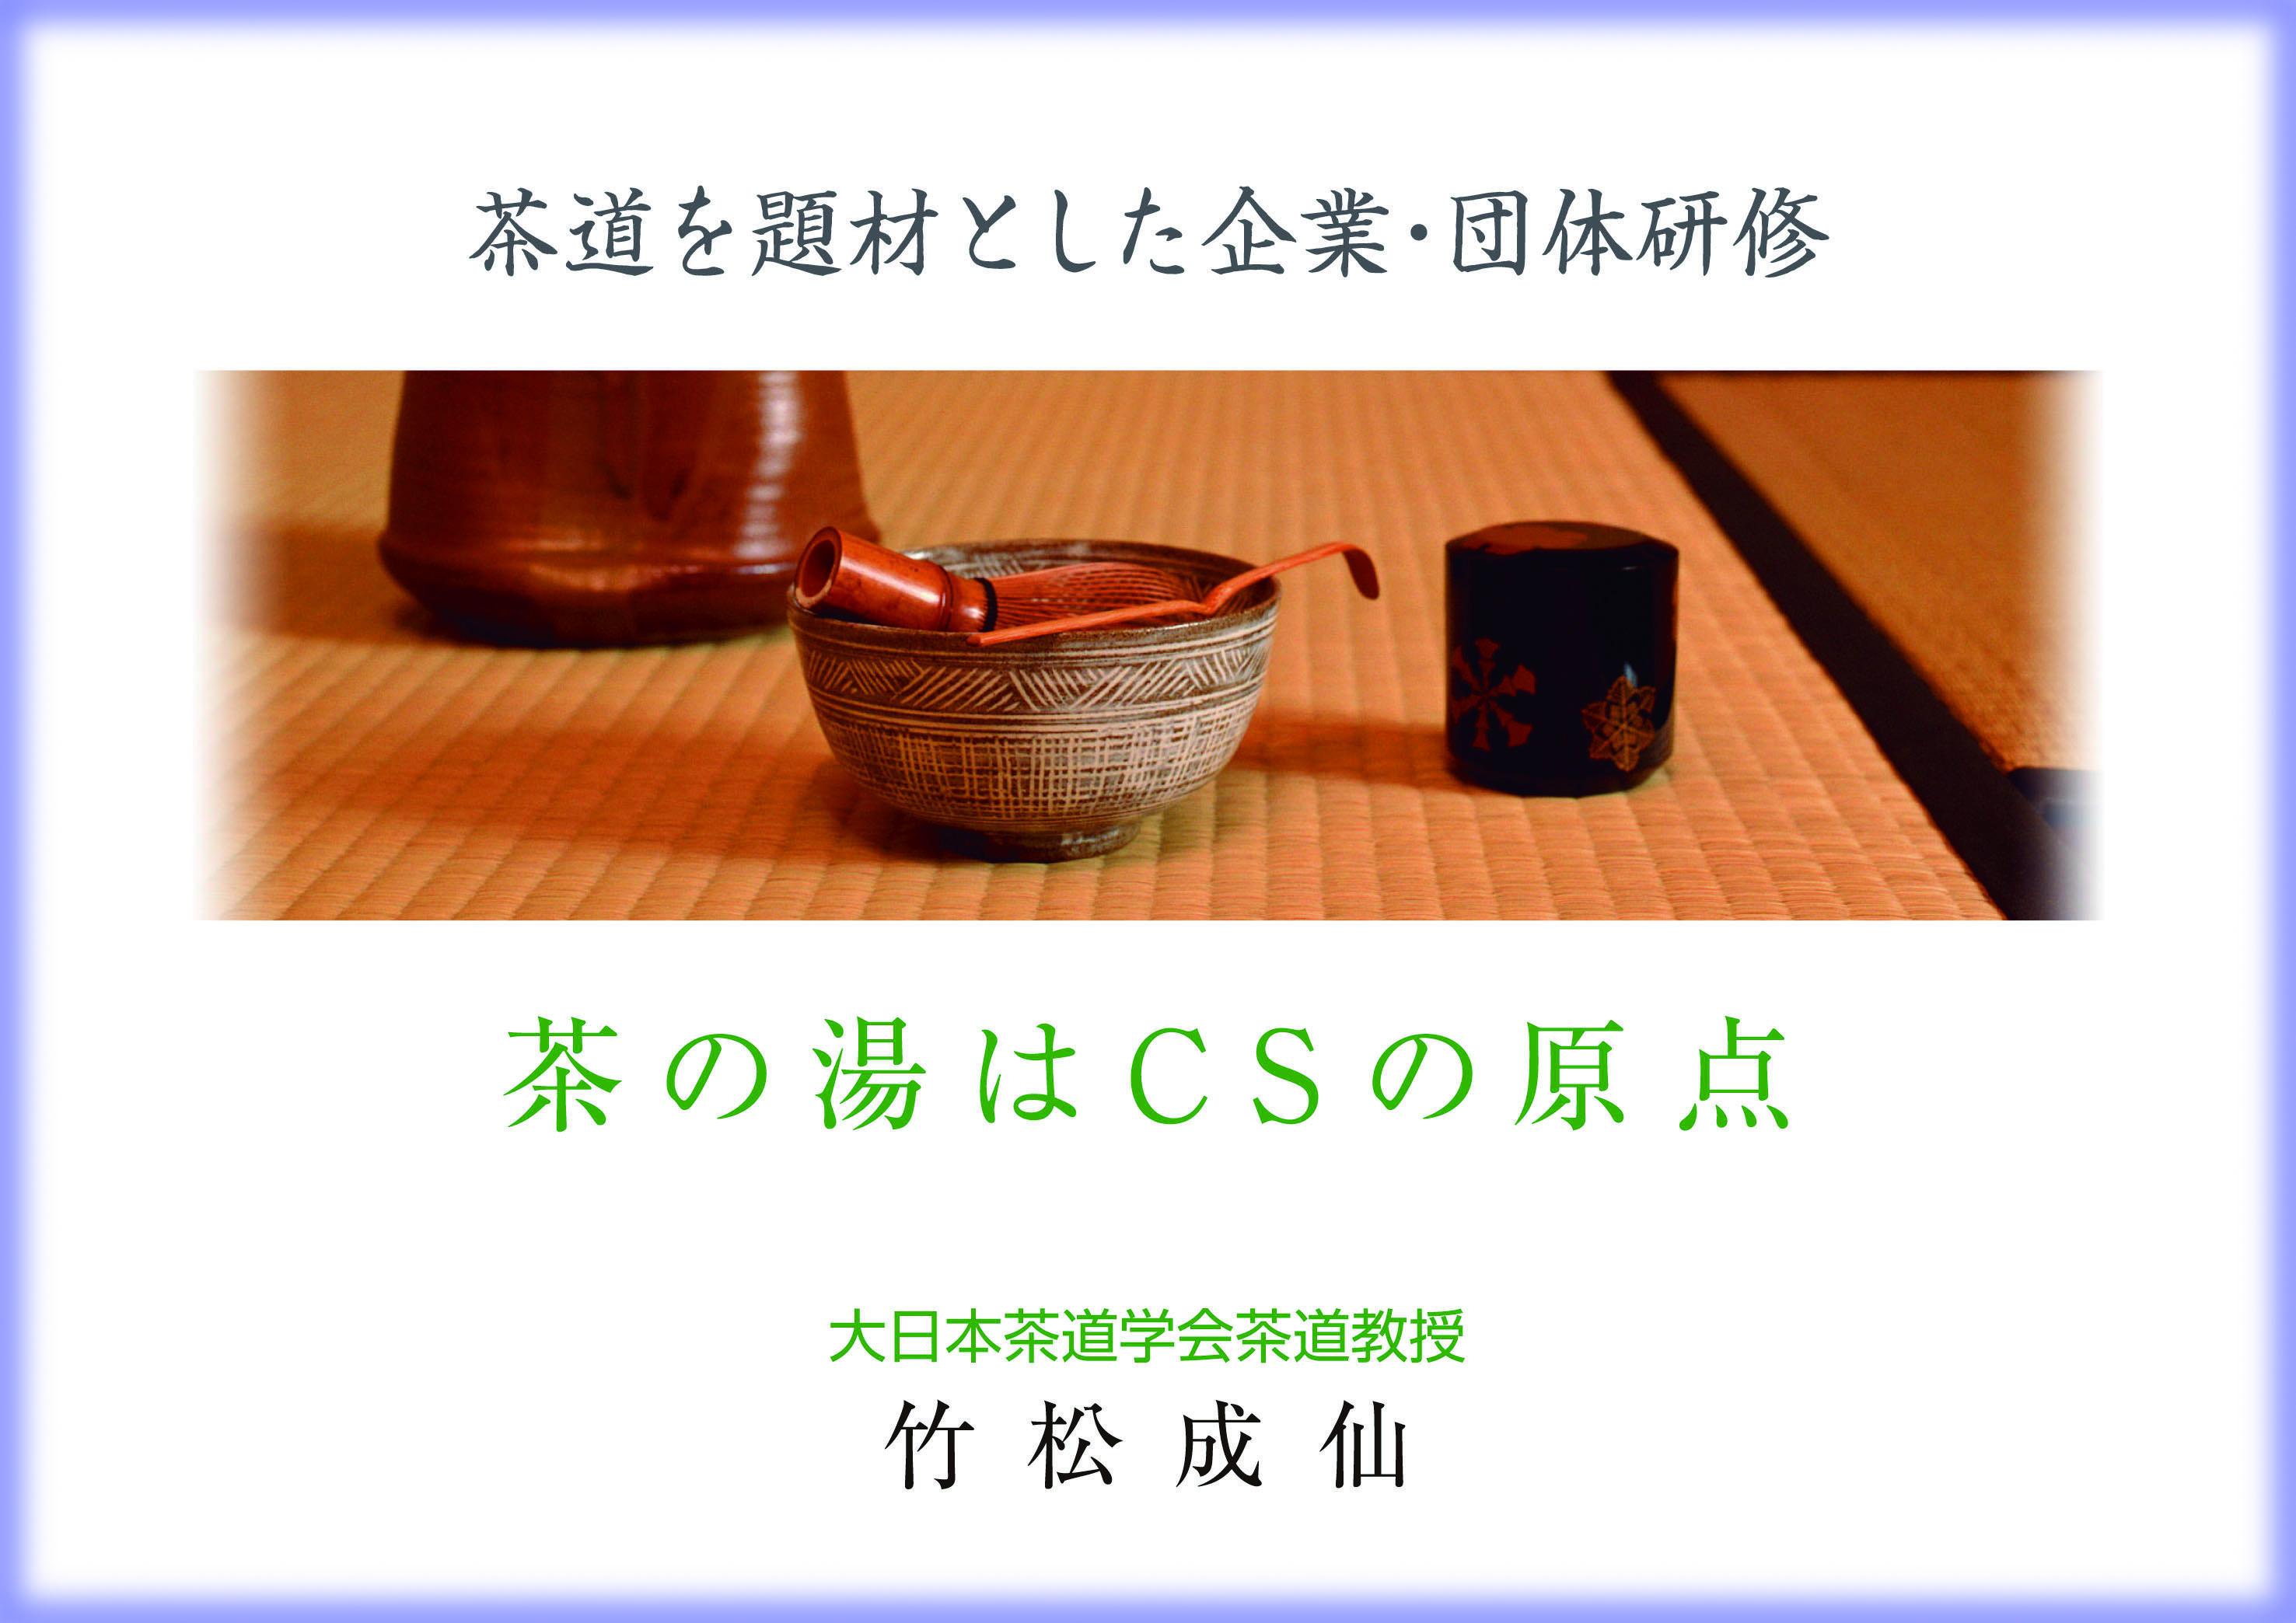 長野県伊那市の竹松成仙茶道教室「団体・企業研修」